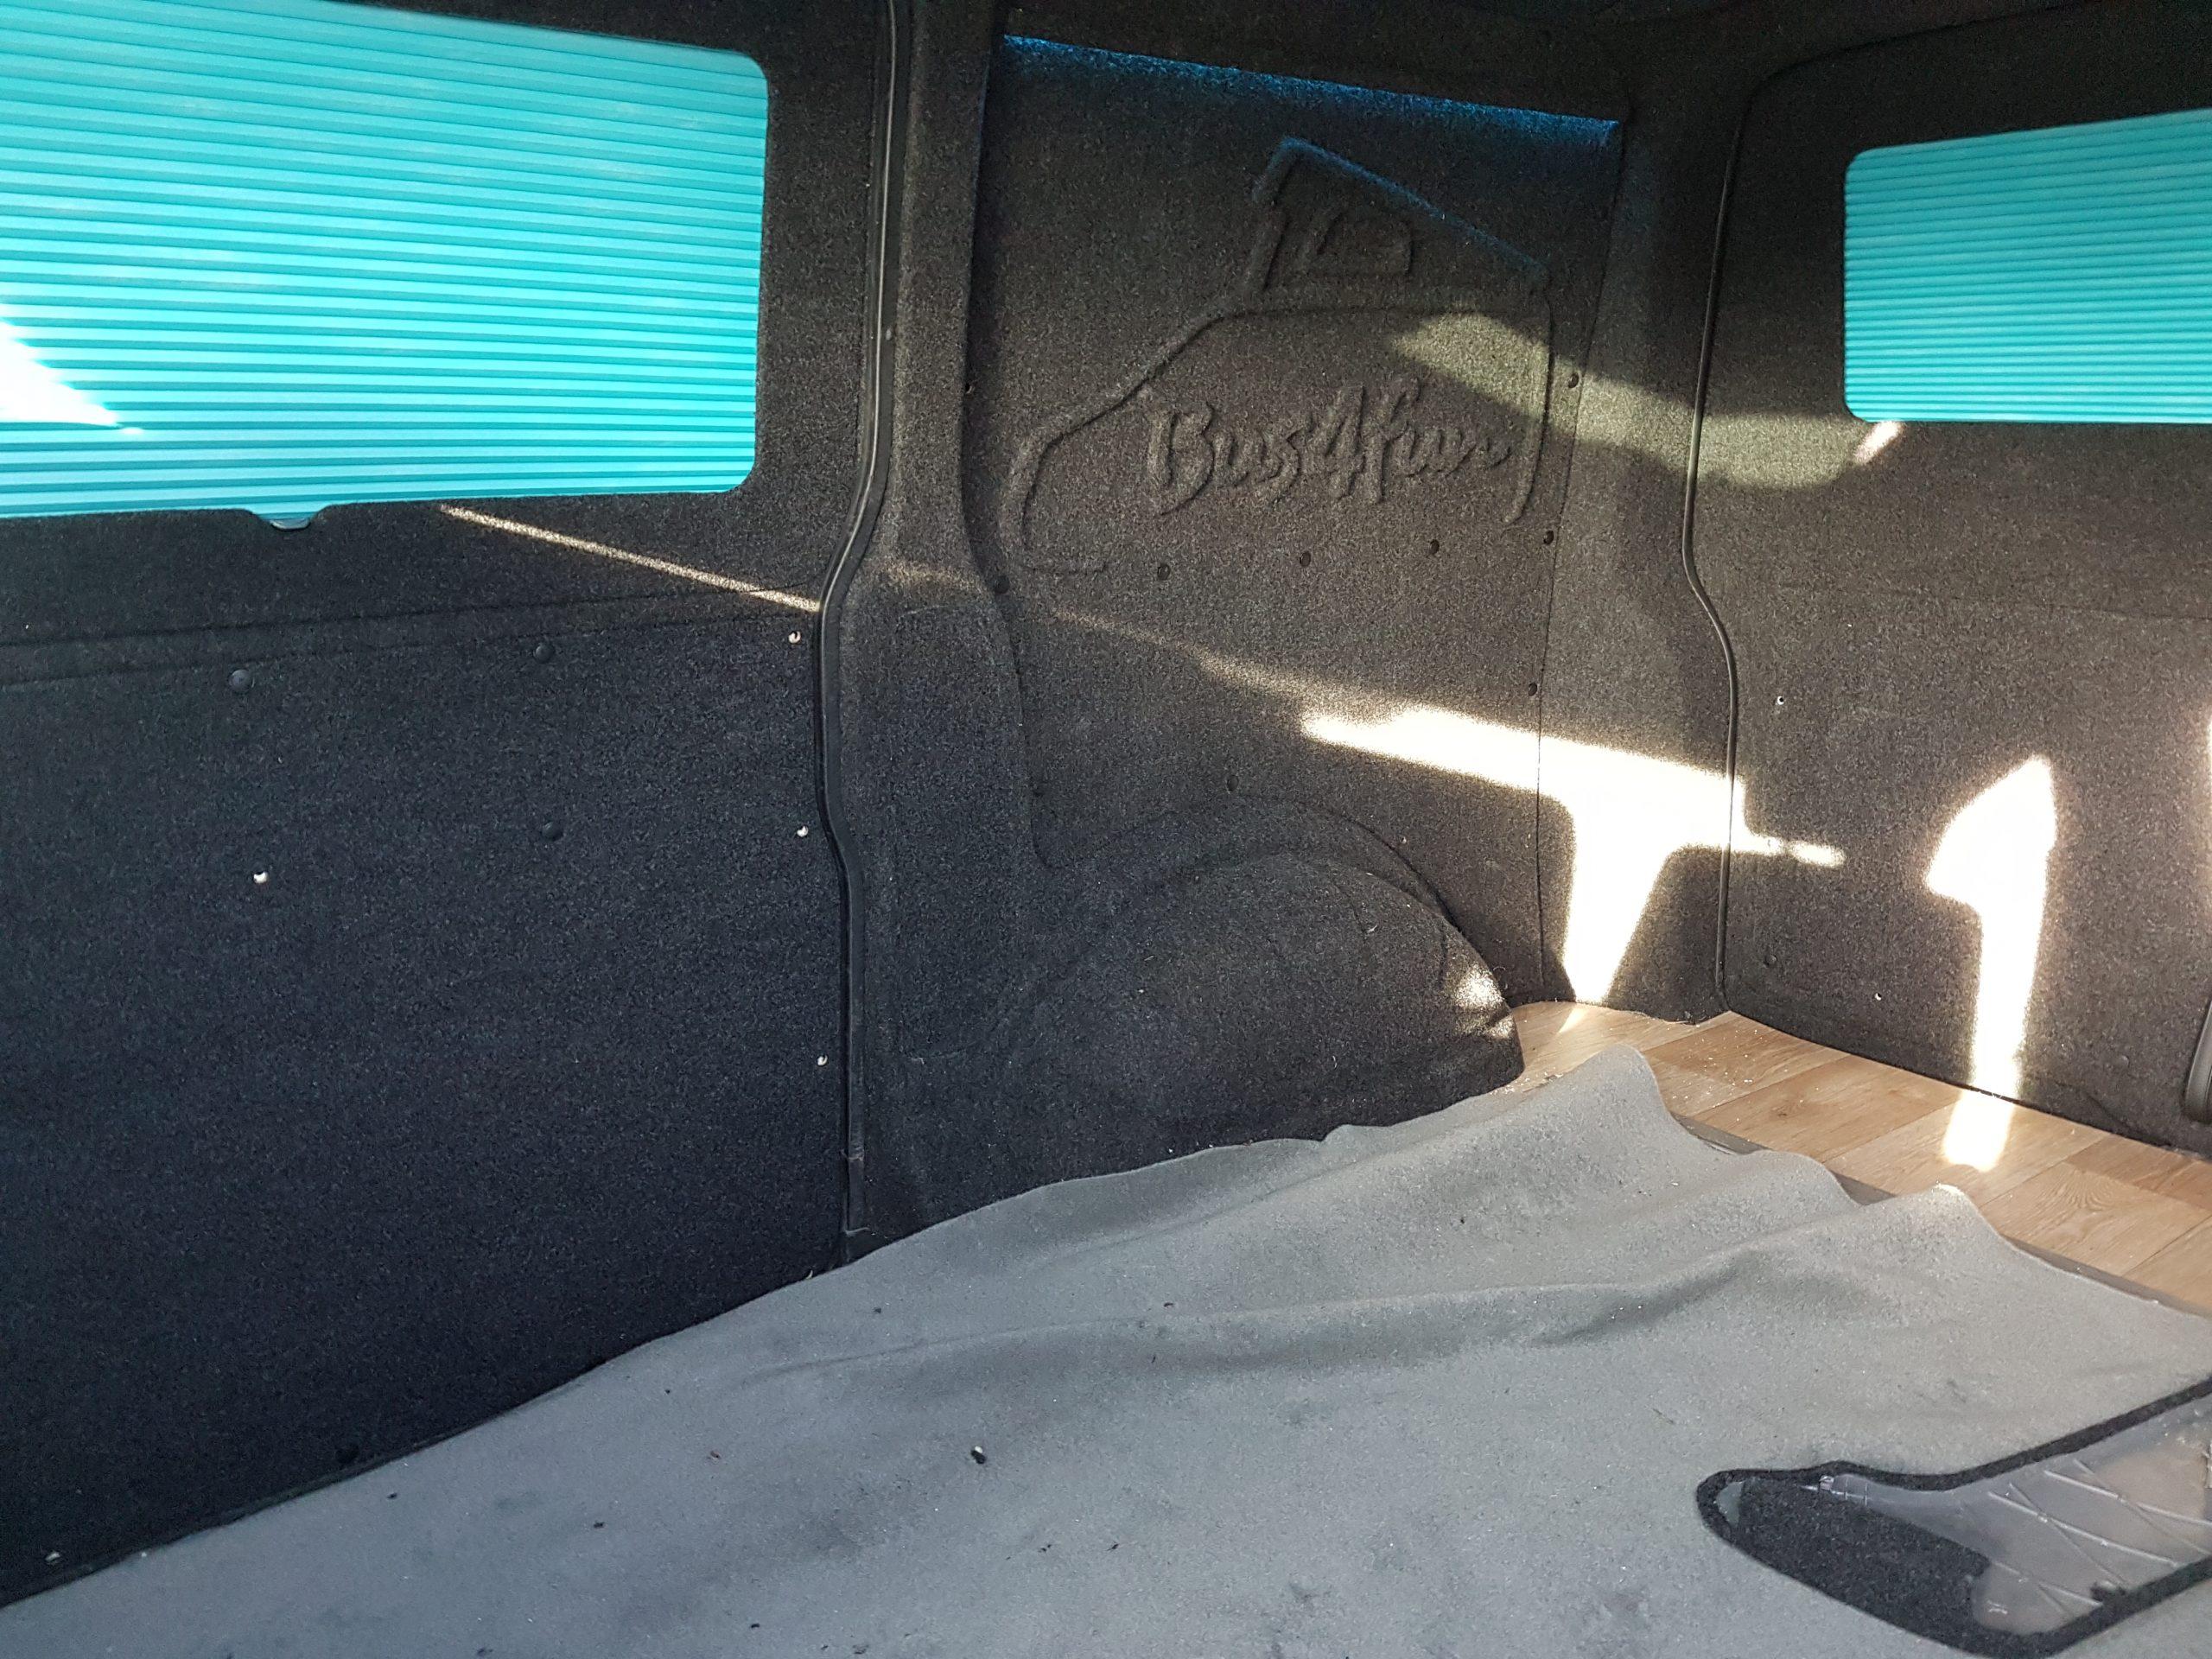 Full Size of Fenster Plissee Window Pods Fensterverdunklung Fr Vw T5 T6 Drutex Konfigurieren Sicherheitsfolie Dachschräge Mit Integriertem Rollladen 120x120 Rollos Für Fenster Fenster Plissee